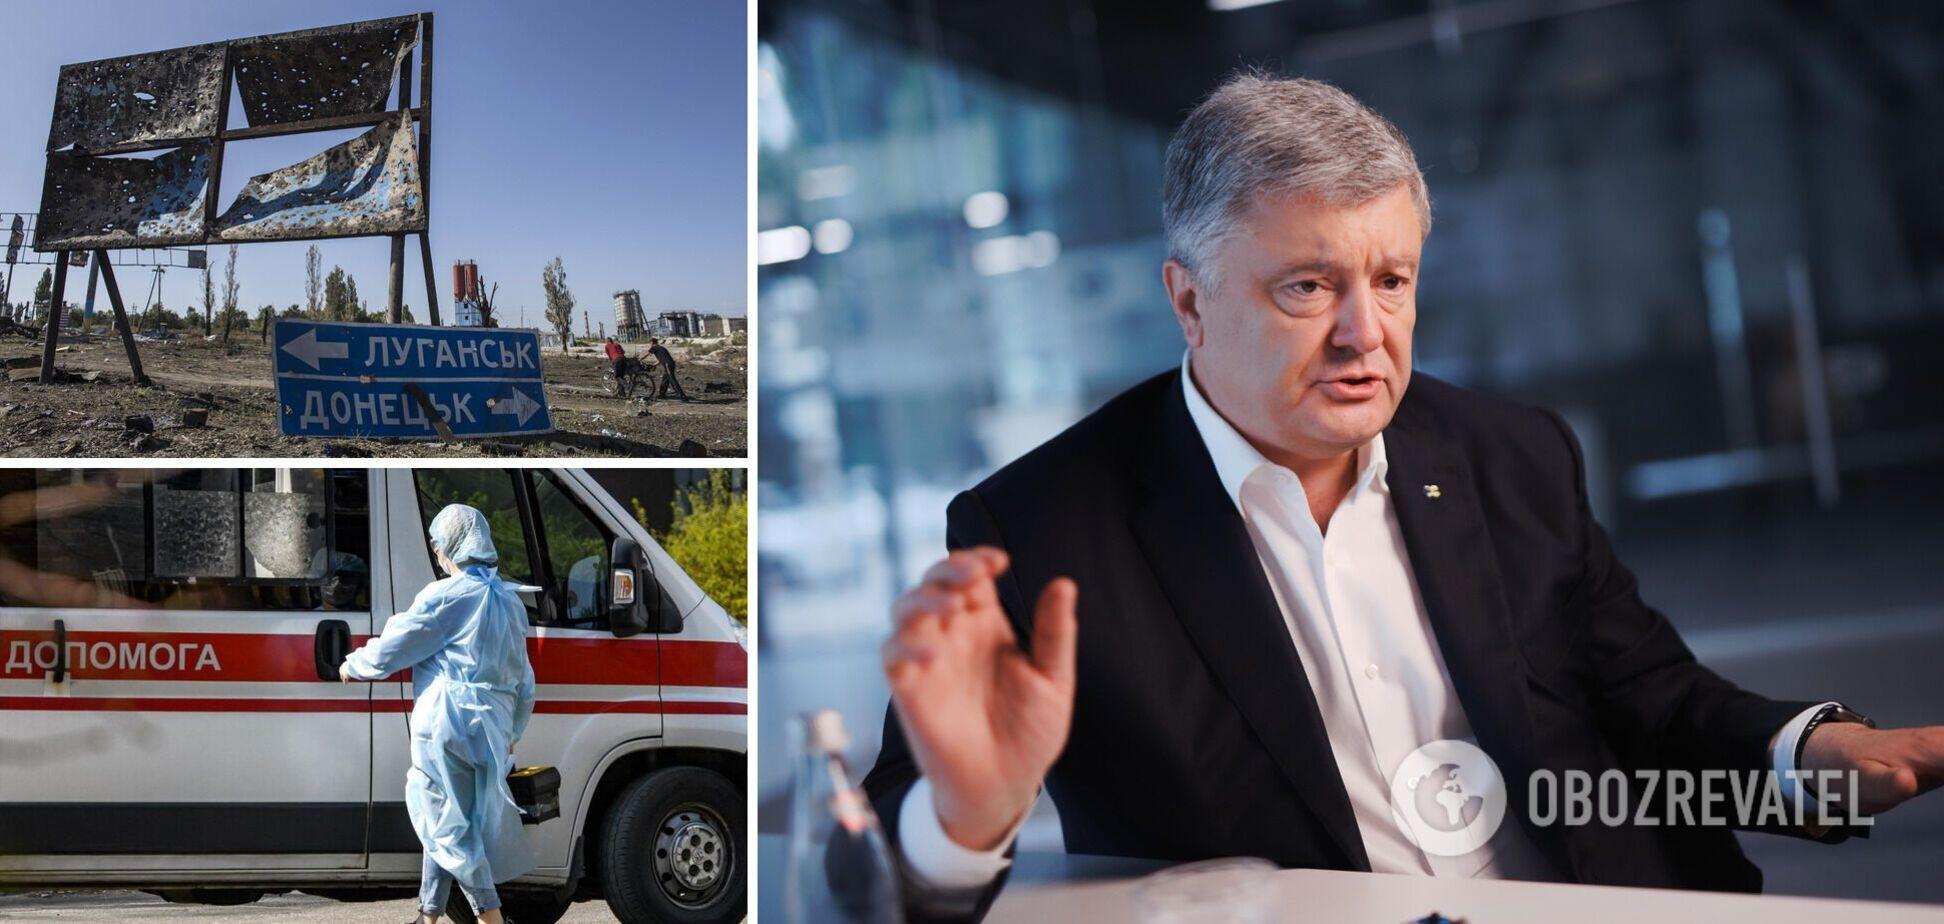 Порошенко: питання третьої хвилі COVID-19 та загострення на Донбасі мають обговорити у РНБО